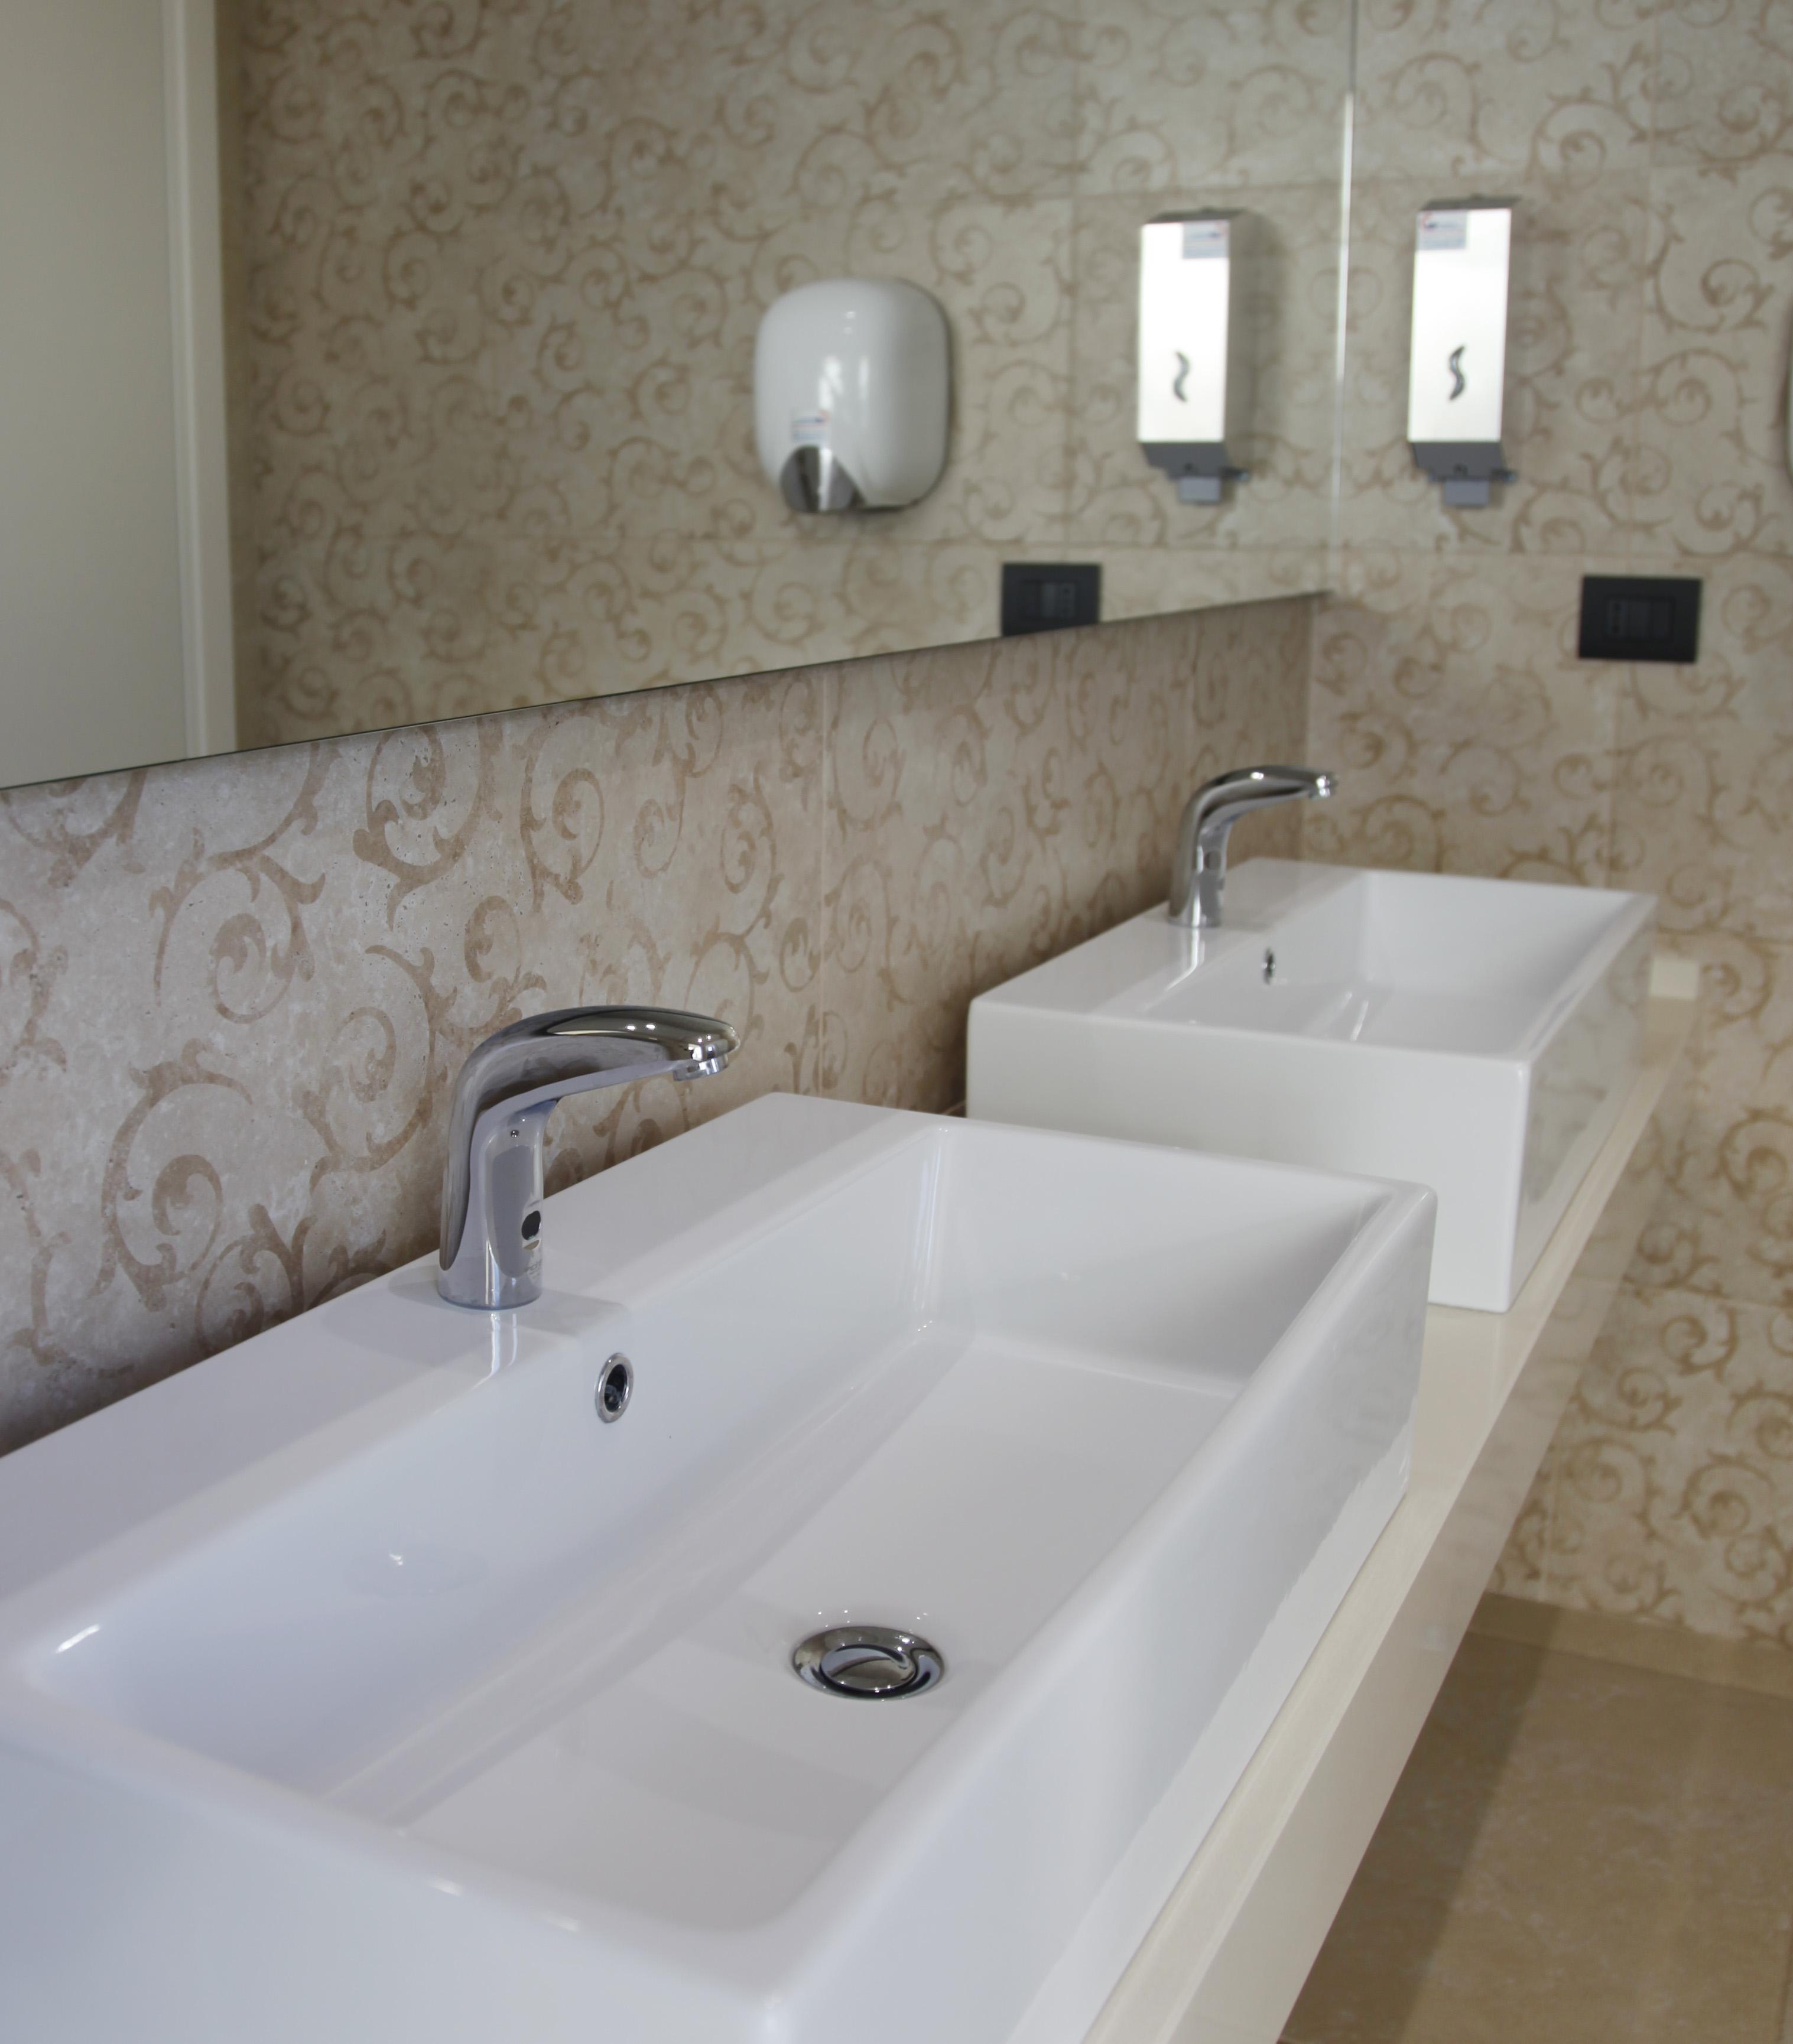 Rubinetti per lavabo idral in un resort dell entroterra for Rubinetti per lavabo